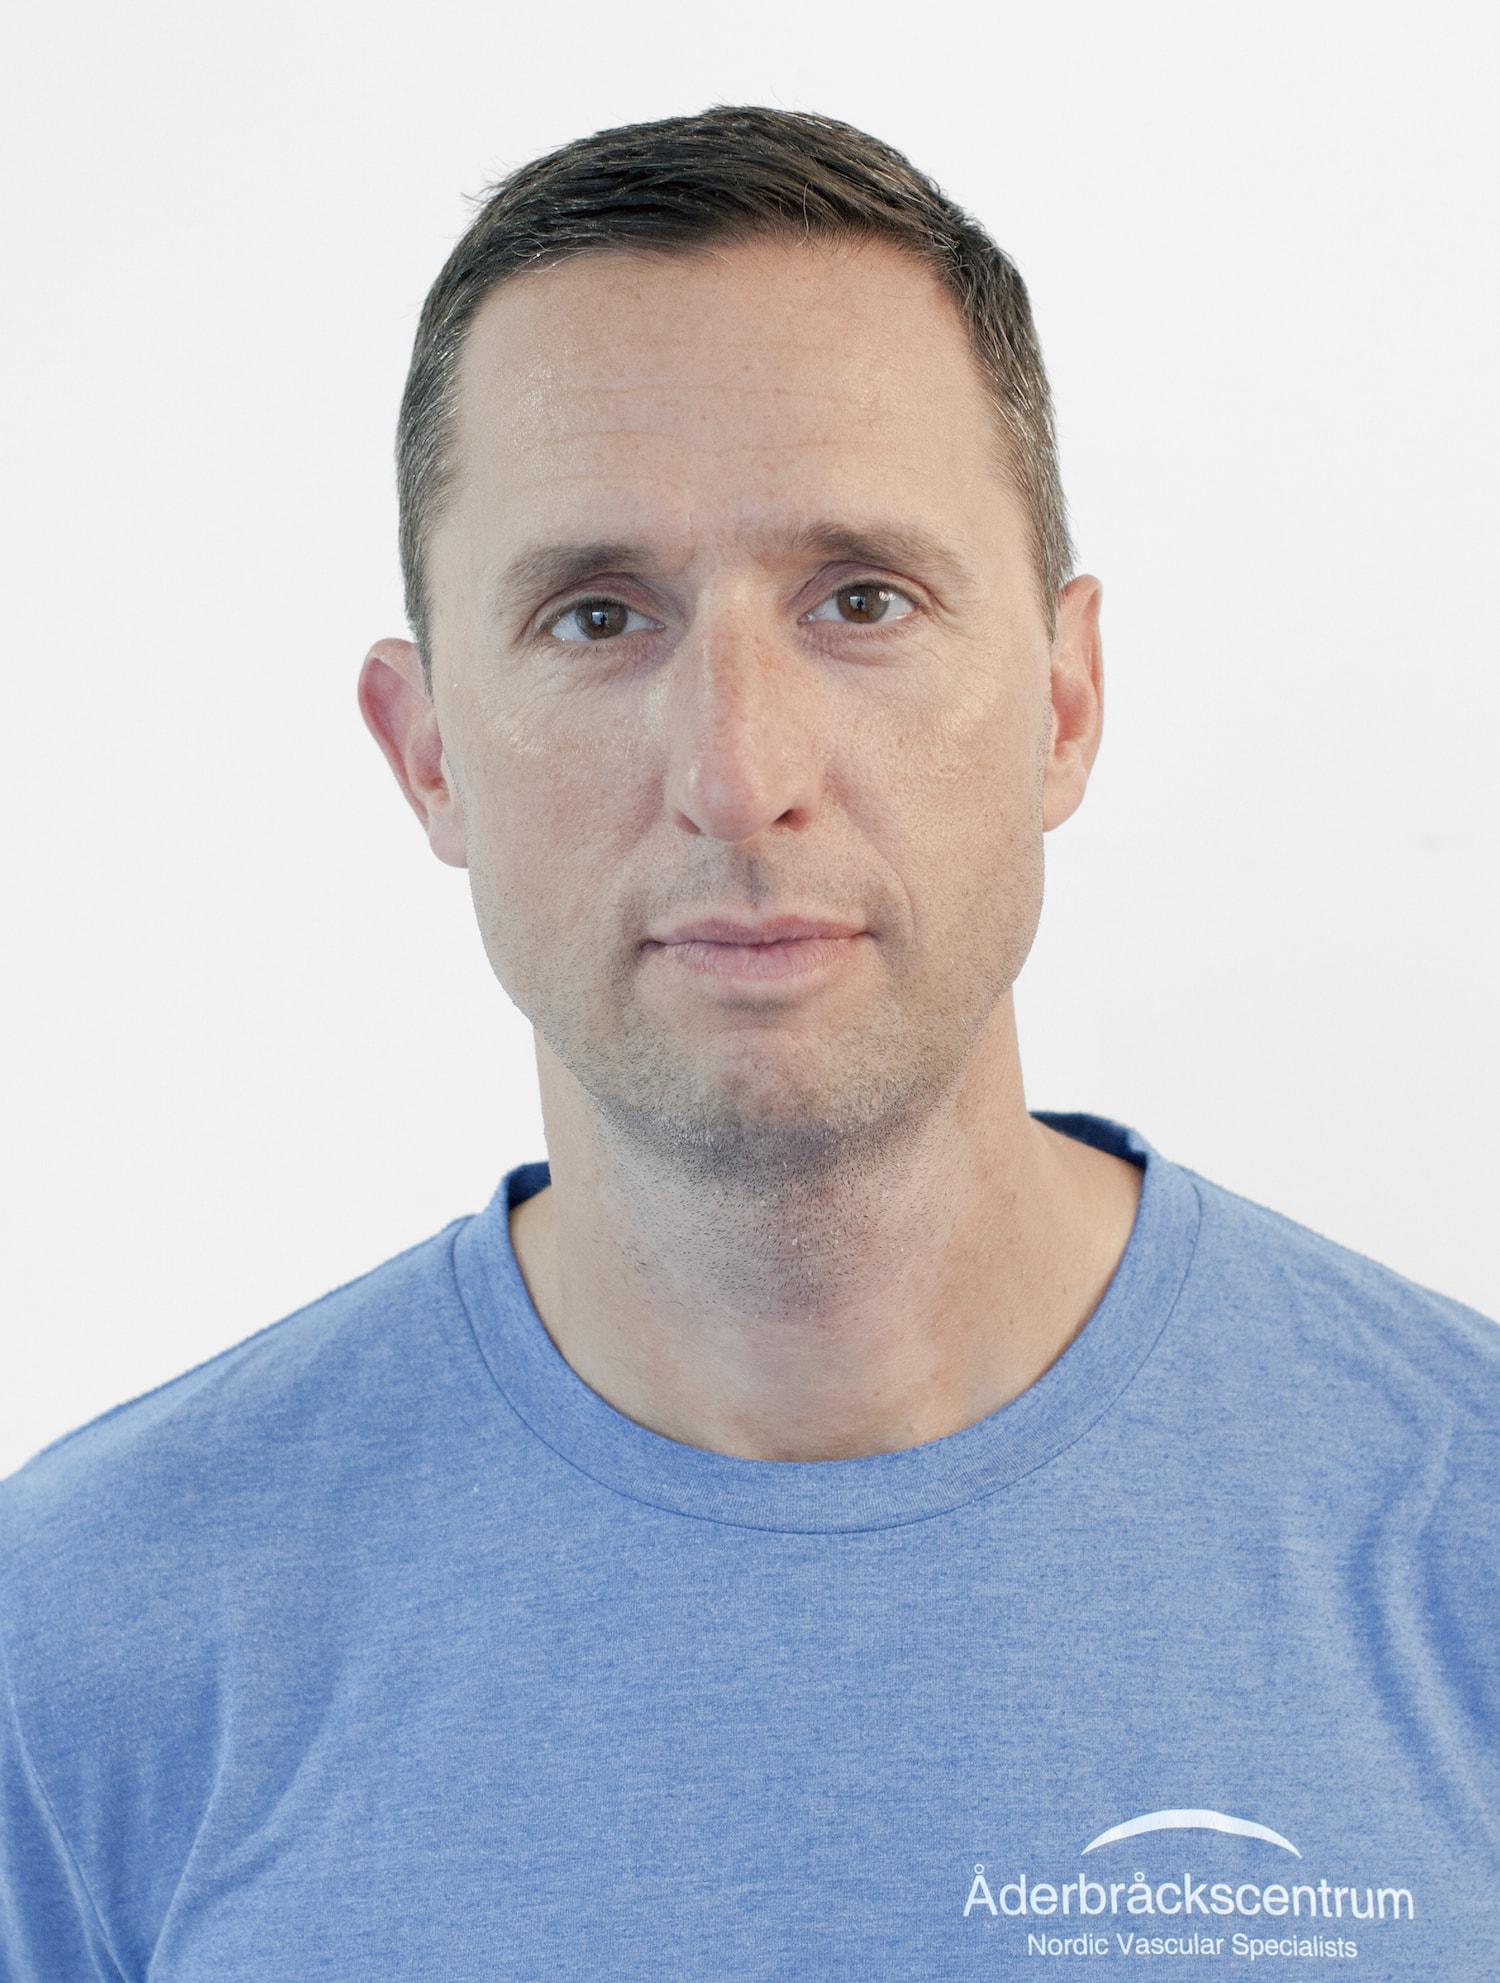 Dr. Tim Resch